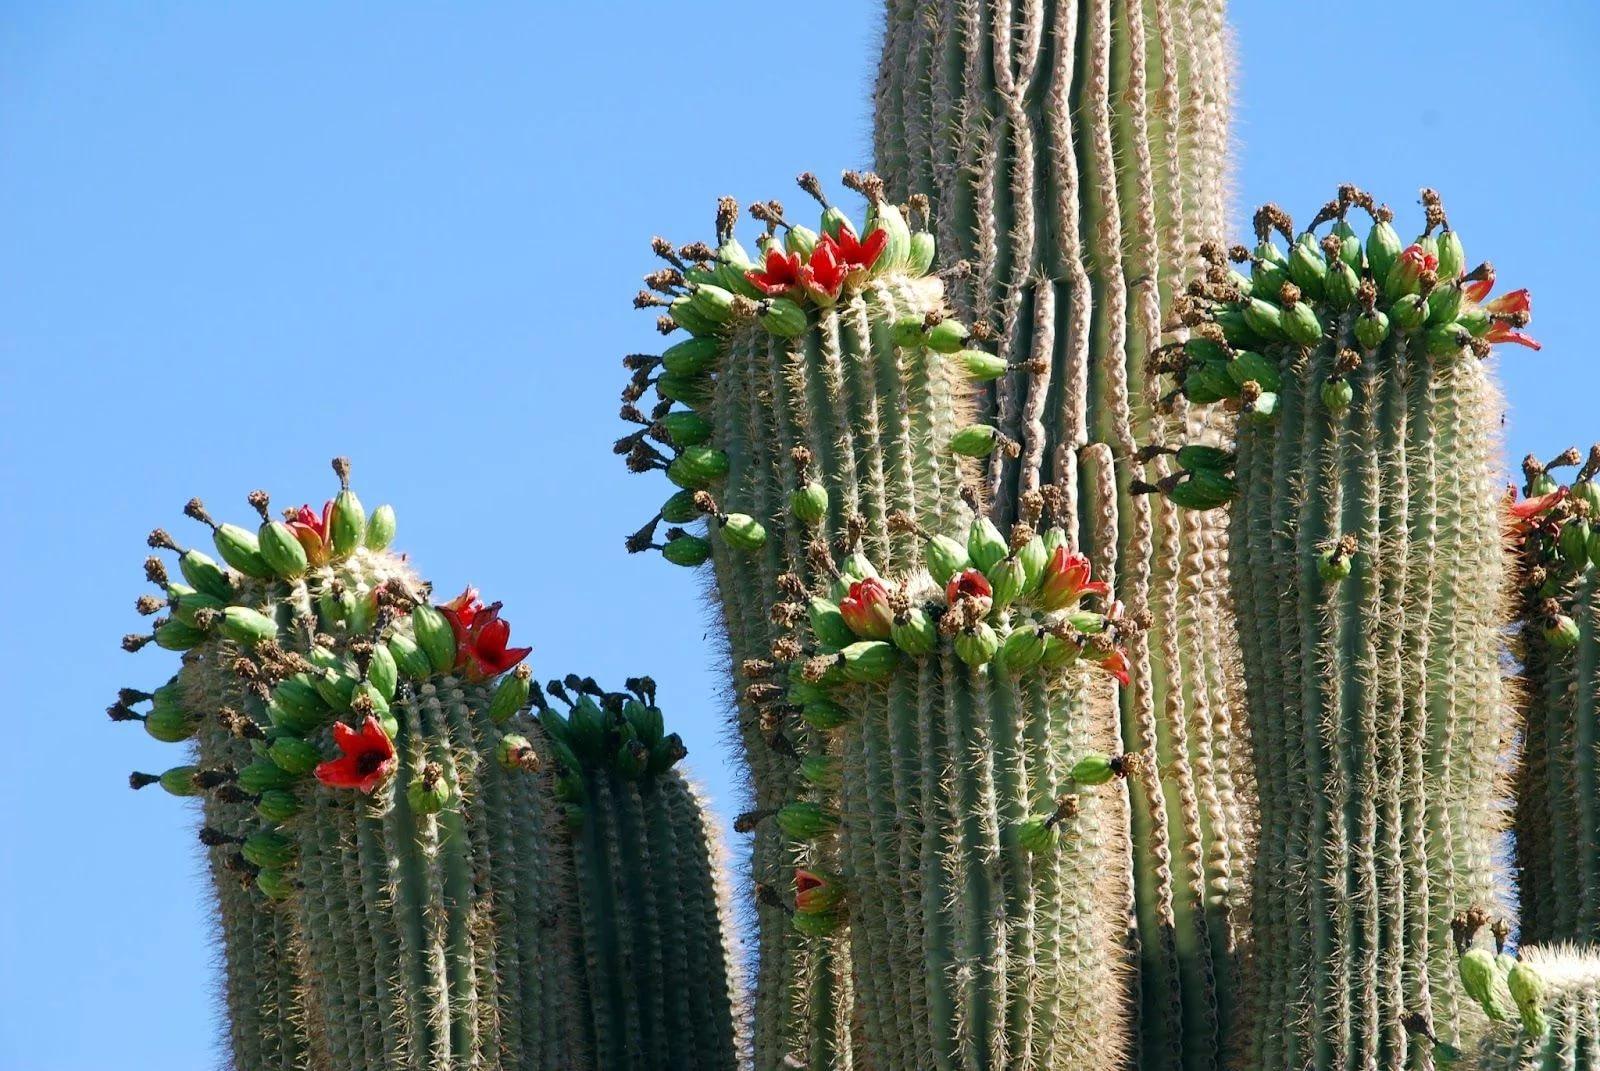 Цереус гигантский (Cereus giganteus, Carnegiea gigantea или Saguaro)